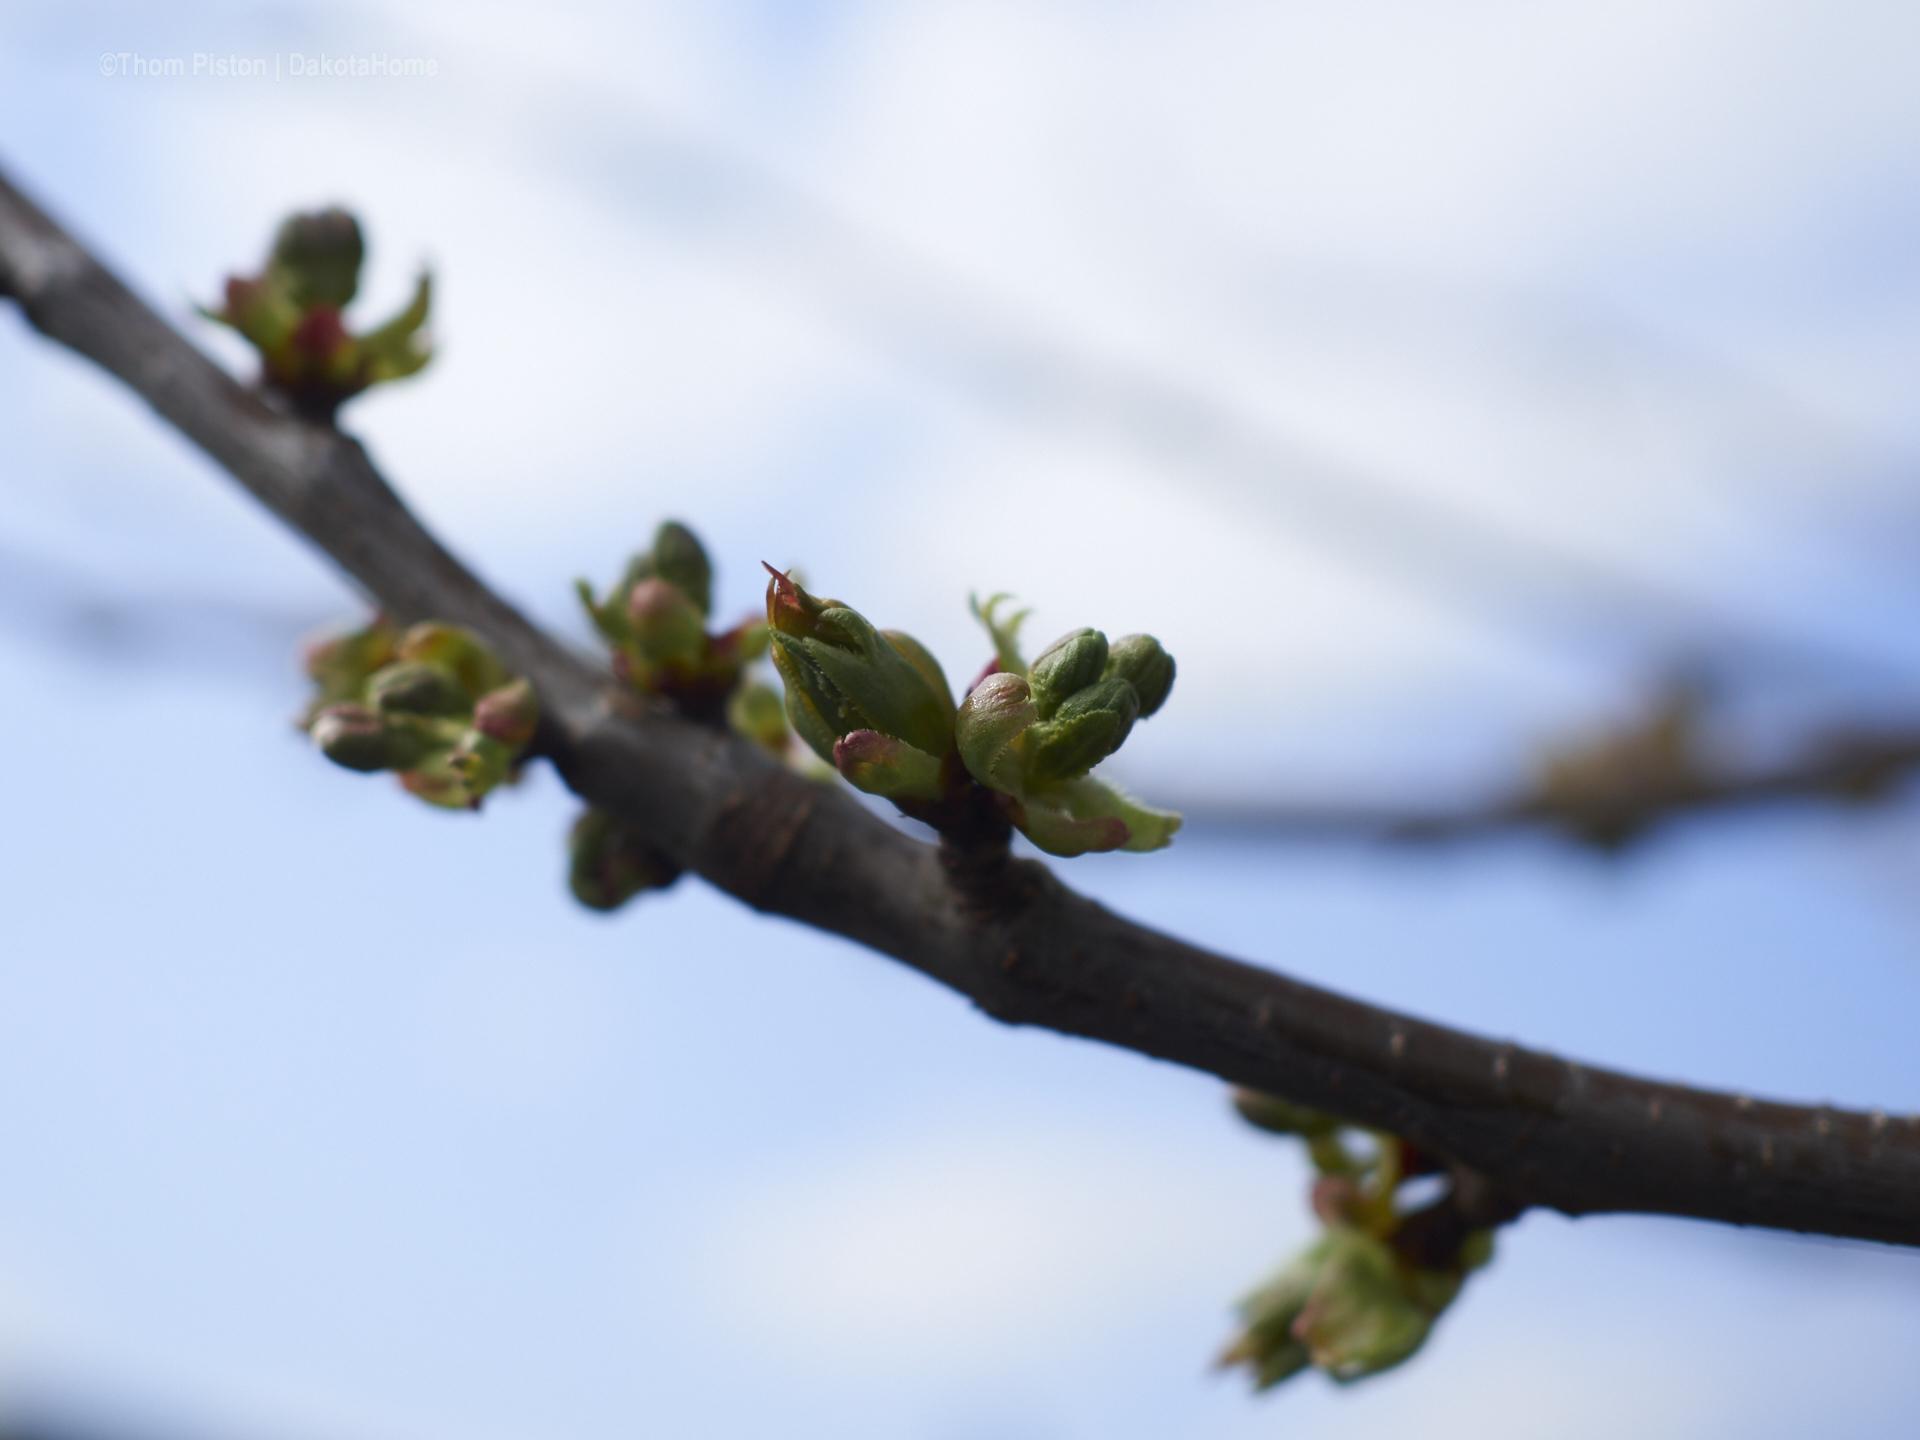 ...unsere Kirschbäume stehn auch voll in blüte